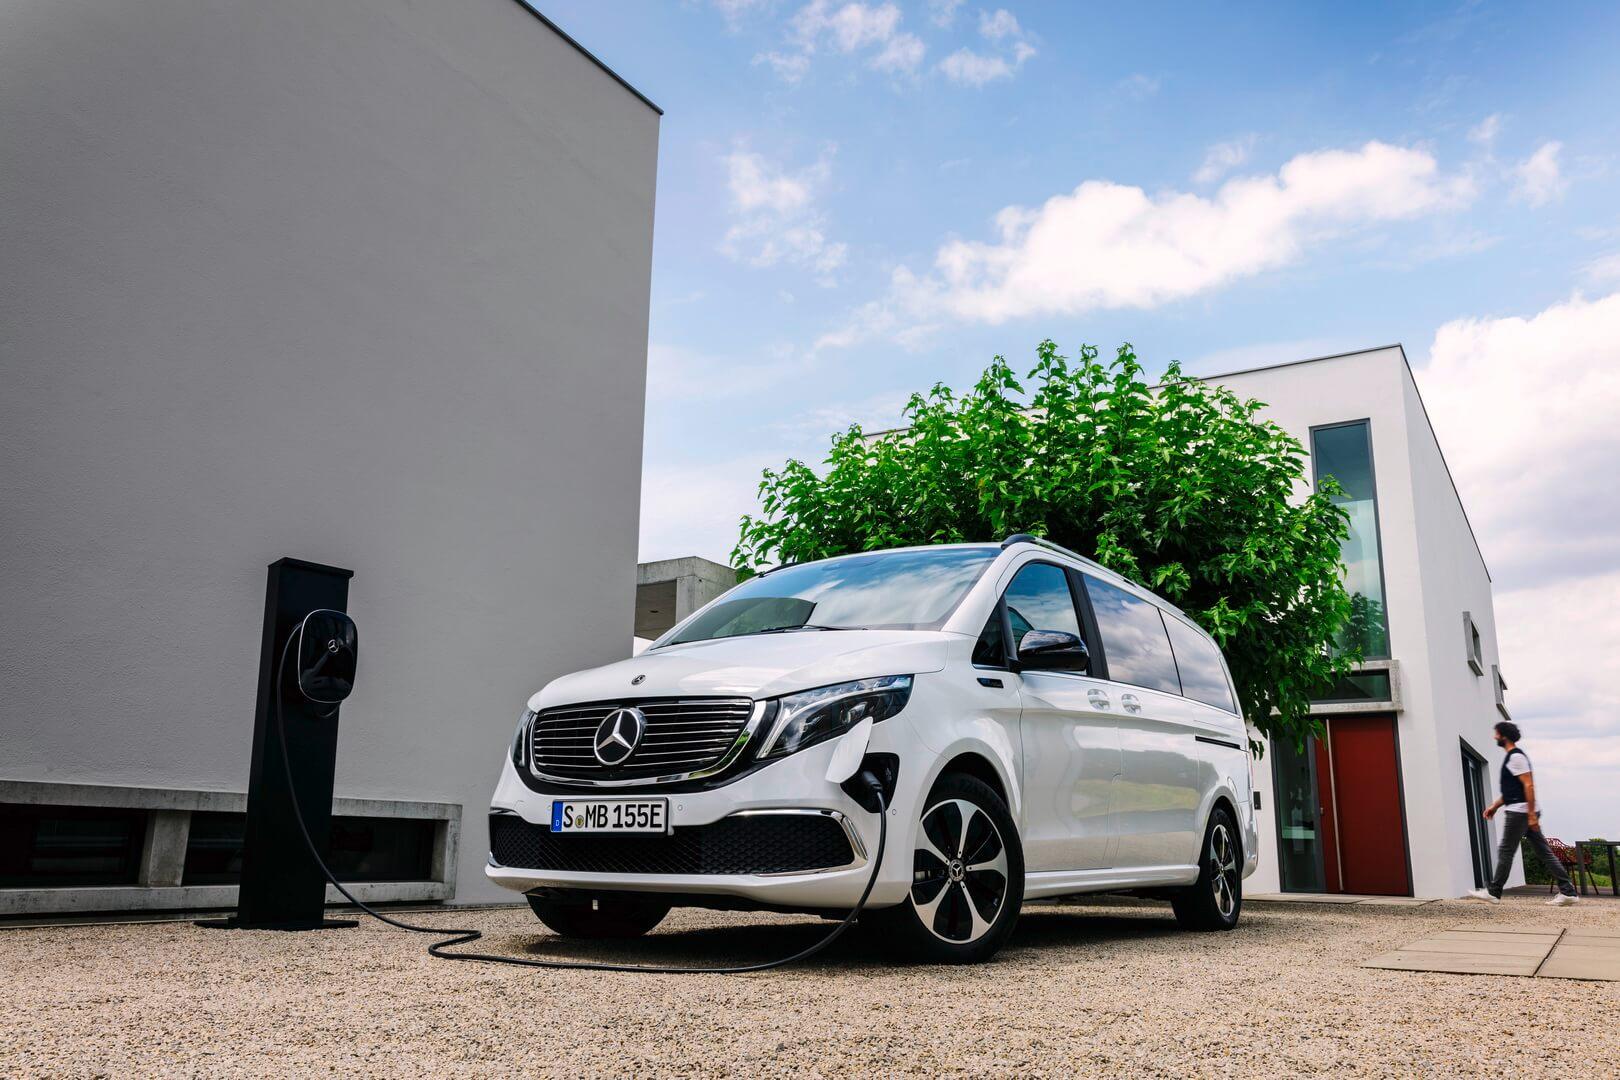 Mercedes-Benz презентовал премиальный электрофургон EQV с запасом хода 405 км